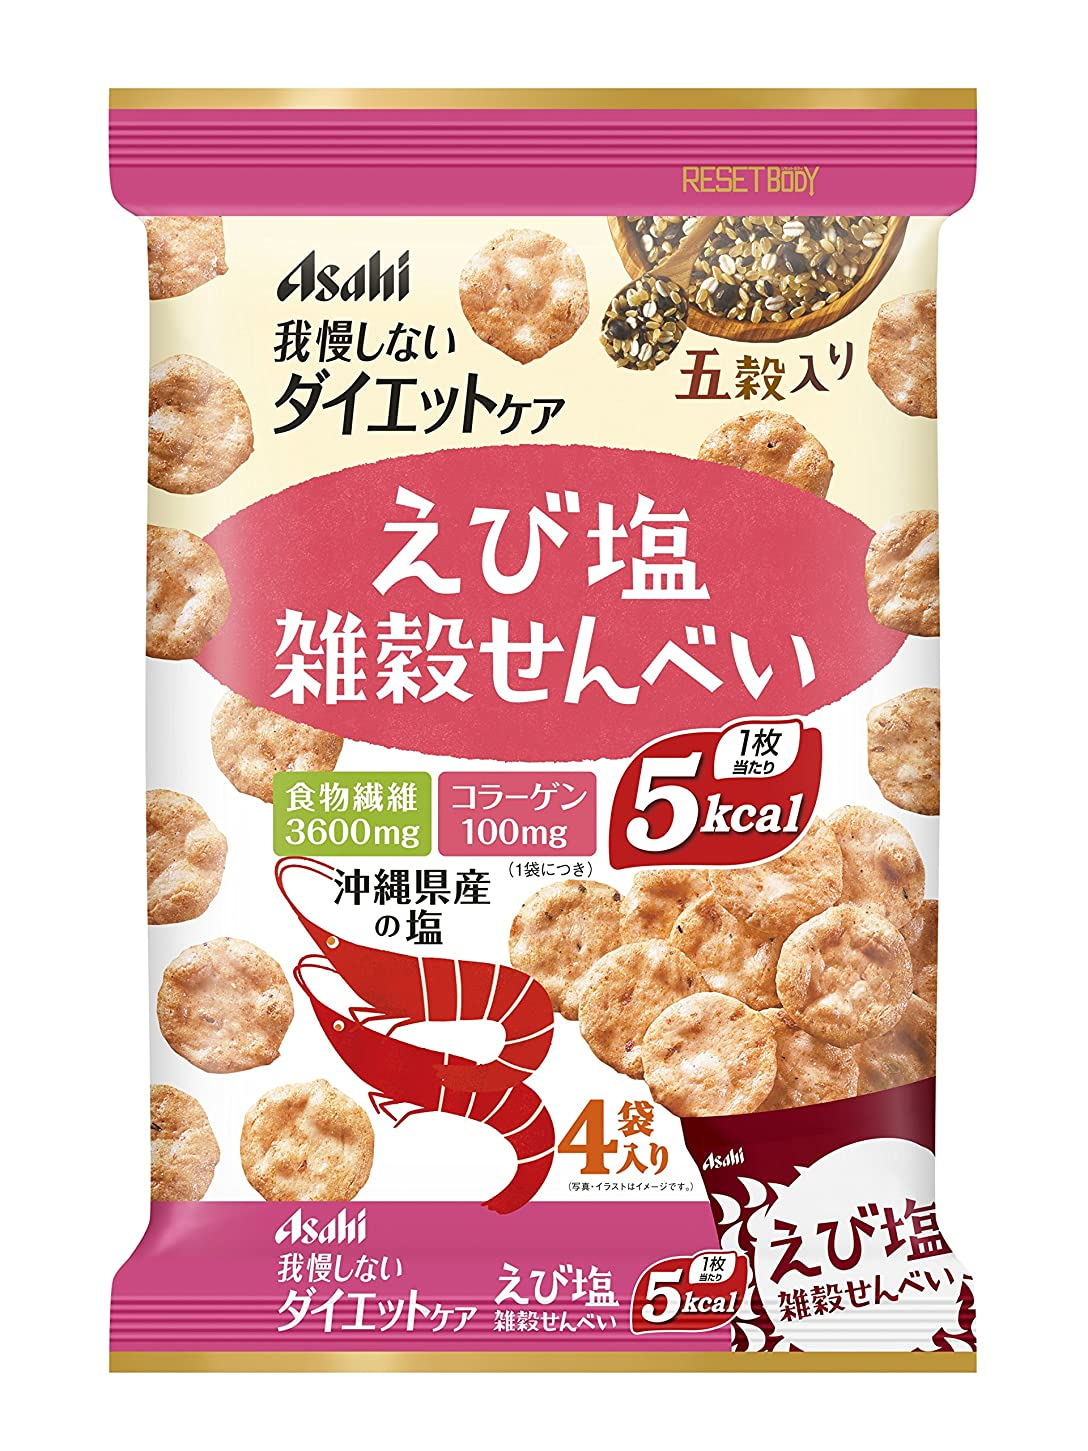 フリース熟達オリエントアサヒグループ食品 リセットボディ 雑穀せんべい えび塩味 88g(22gx4袋)